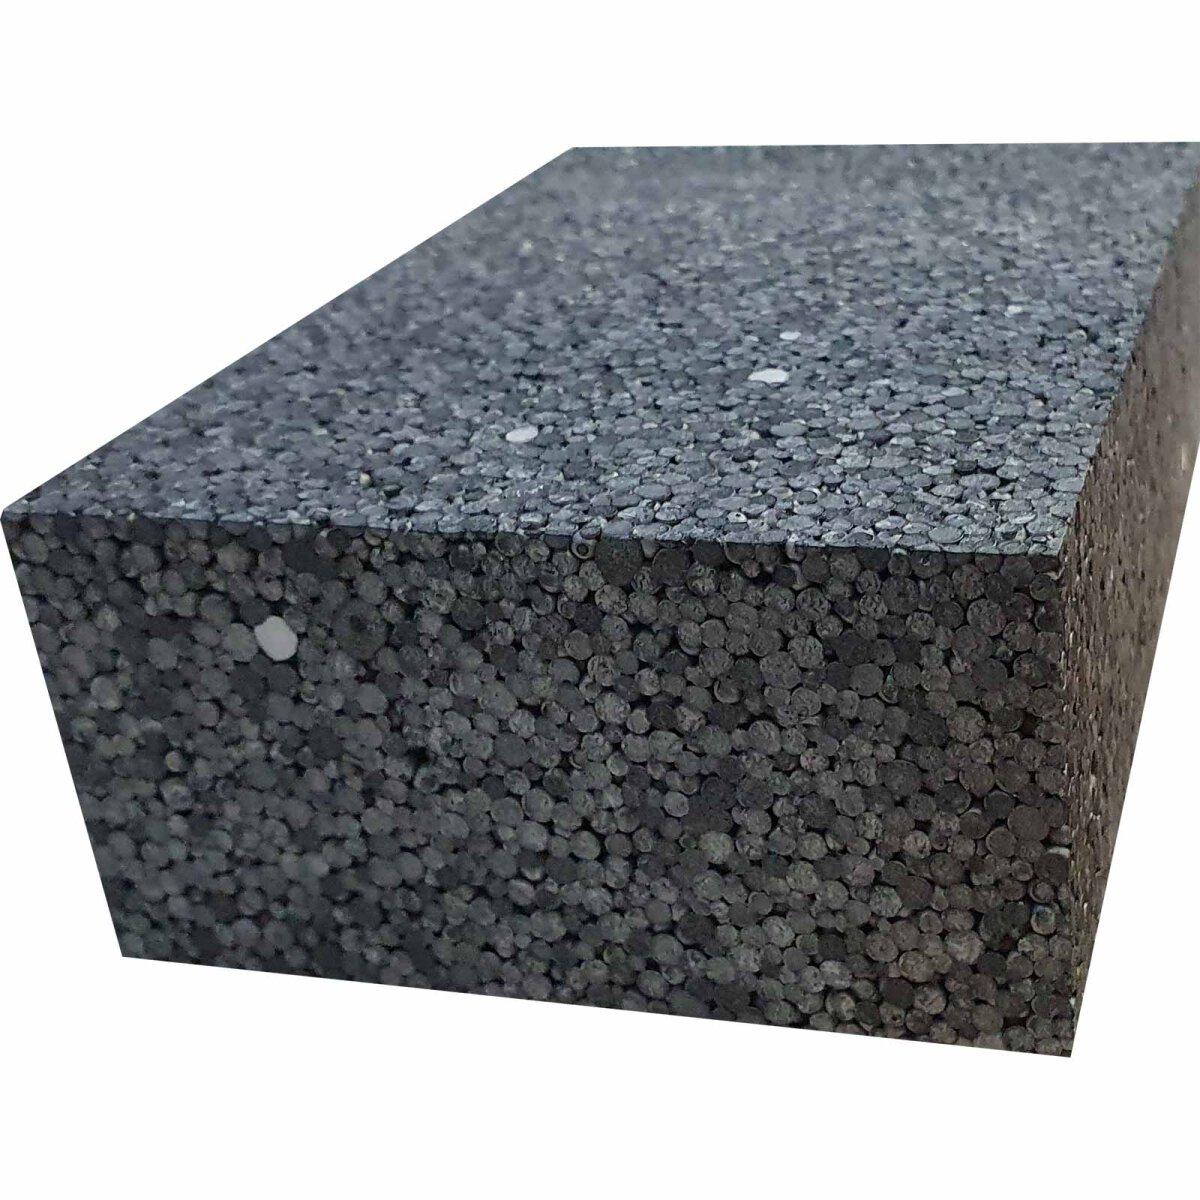 fassadend mmplatte eps wlg 031 wdvs styropor grafit atlas. Black Bedroom Furniture Sets. Home Design Ideas